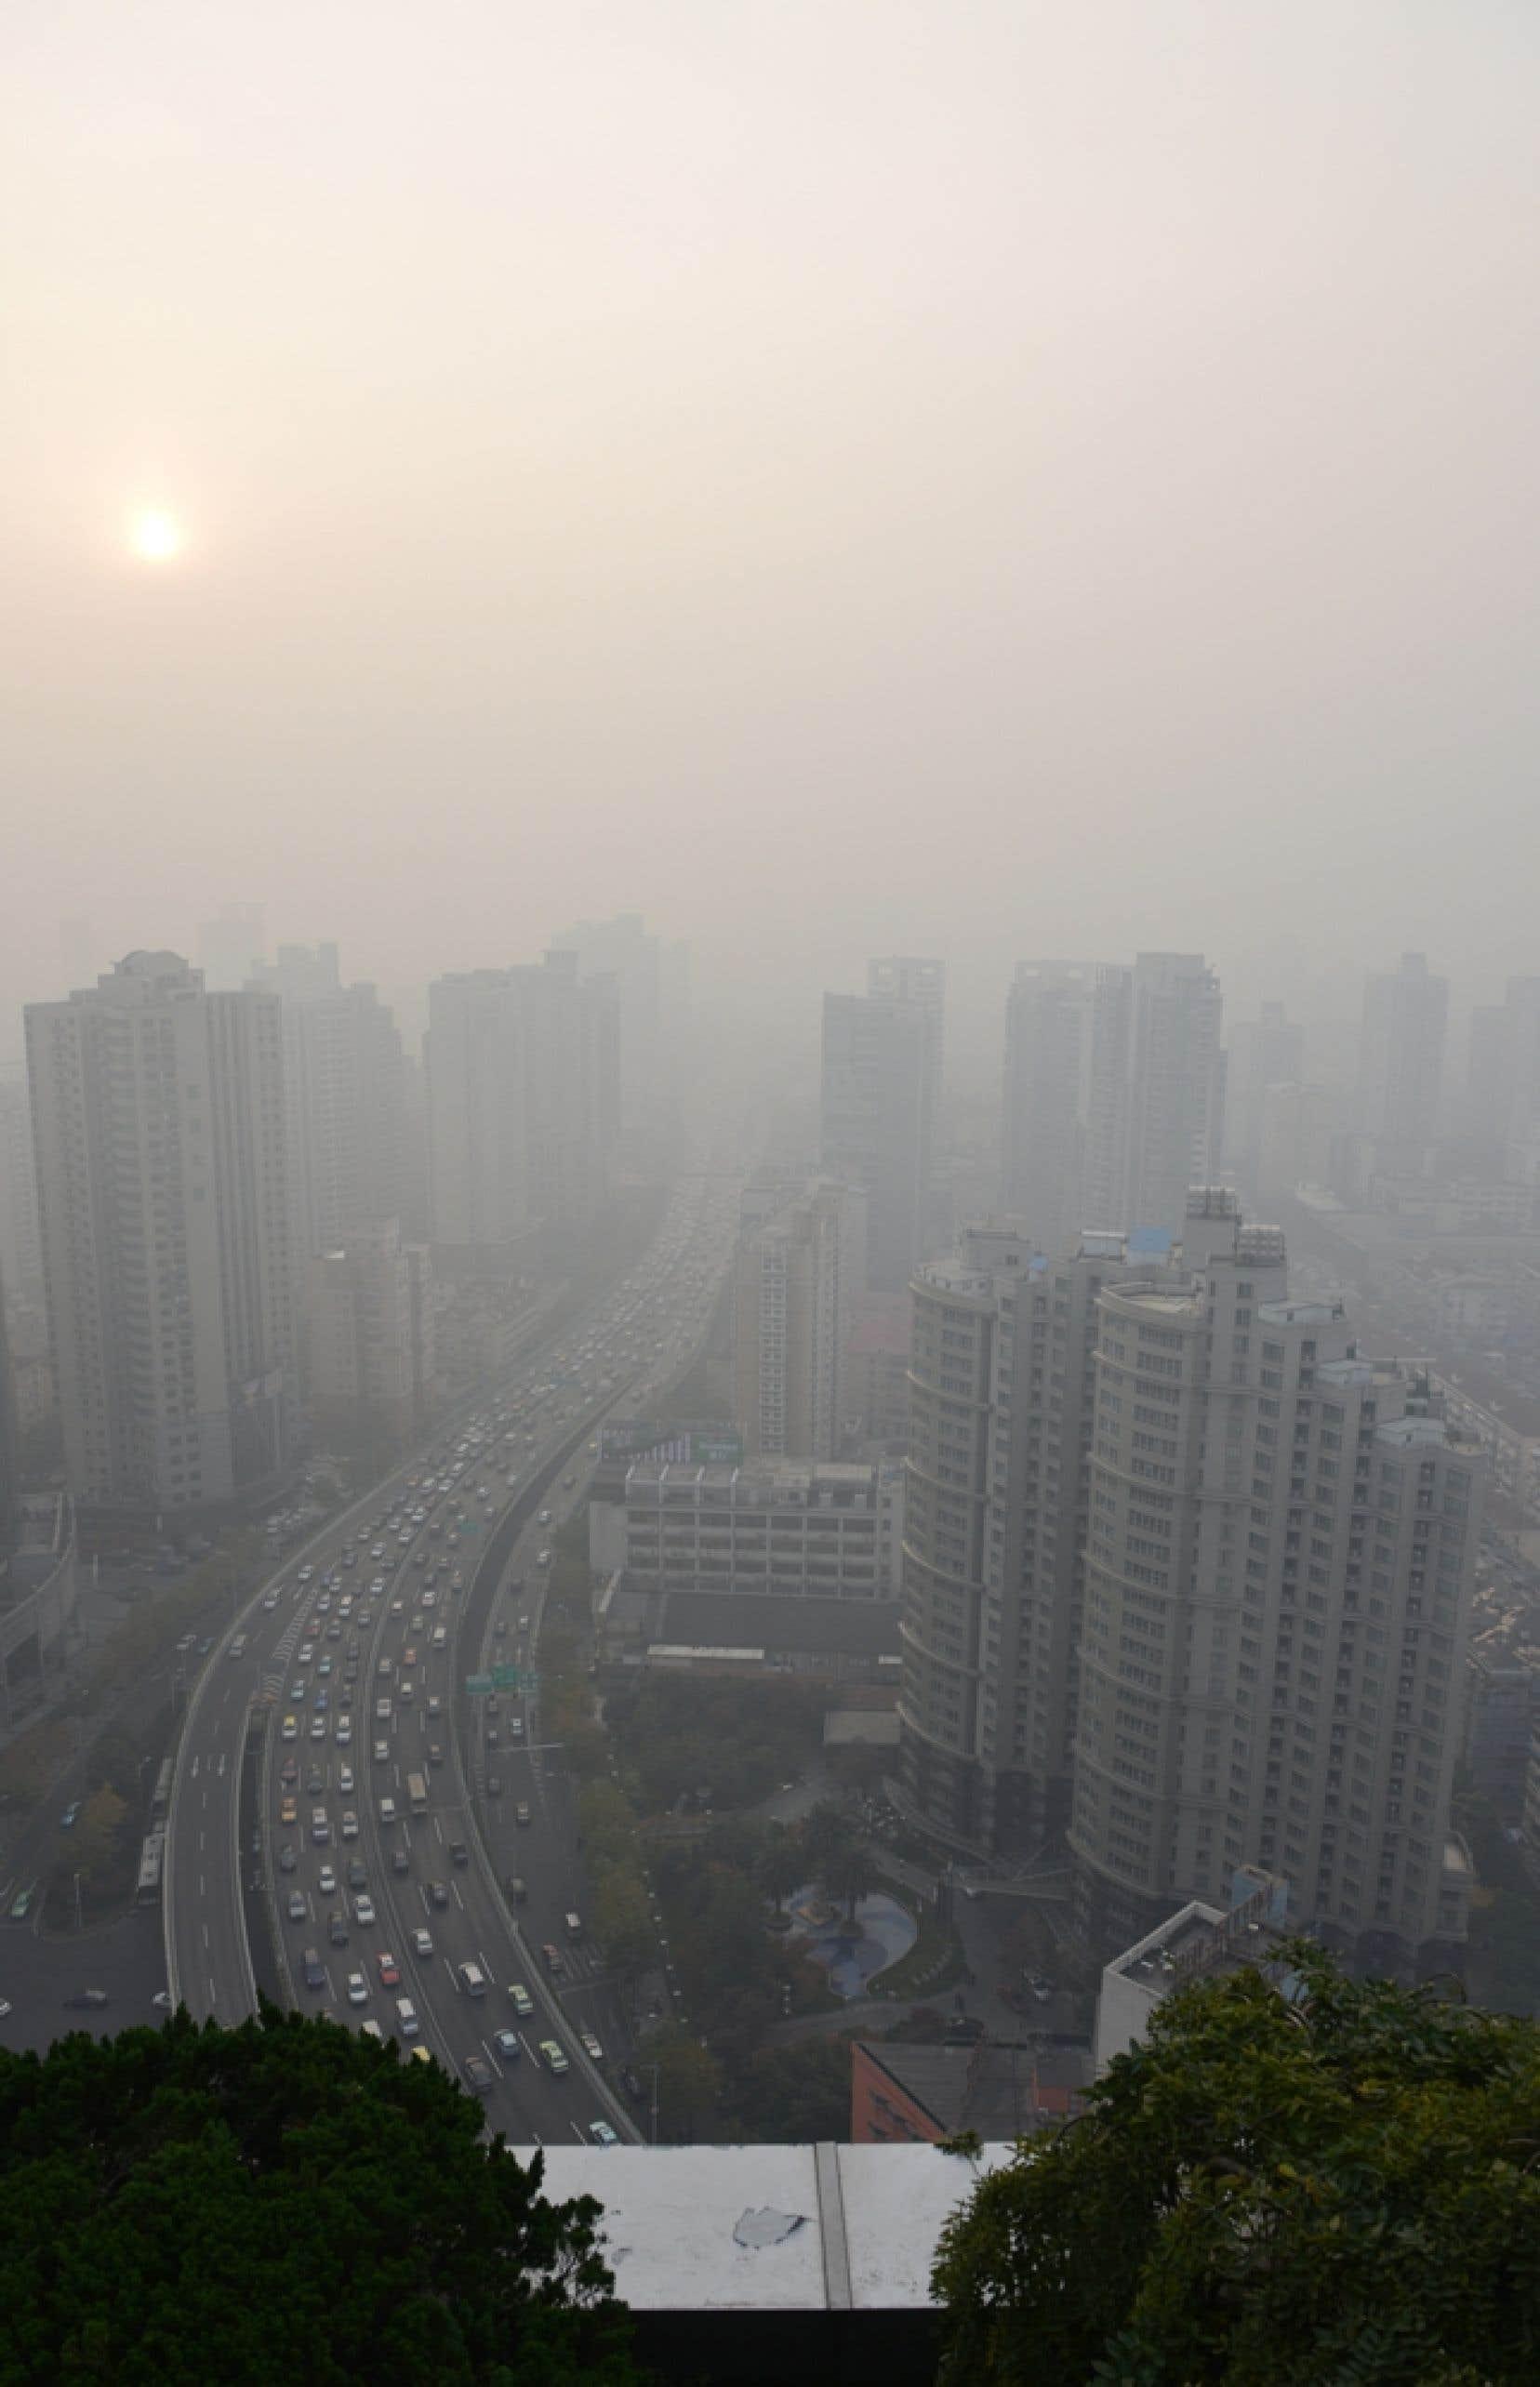 Vue (voilée) sur Shanghai. La croissance de l'économie a été de 7,7 % en 2013, soit le même taux que l'année précédente, ce qui permet donc de parler d'une stabilisation de la croissance après une forte poussée. Mais il y a un revers environnemental à cette croissance: la pollution de l'air qui a atteint des records dans les principales villes de Chine au cours des dernières années, les taux de particules fines en suspension dans l'air dépassant jusqu'à 40 fois les seuils fixés par l'Organisation mondiale de la santé.